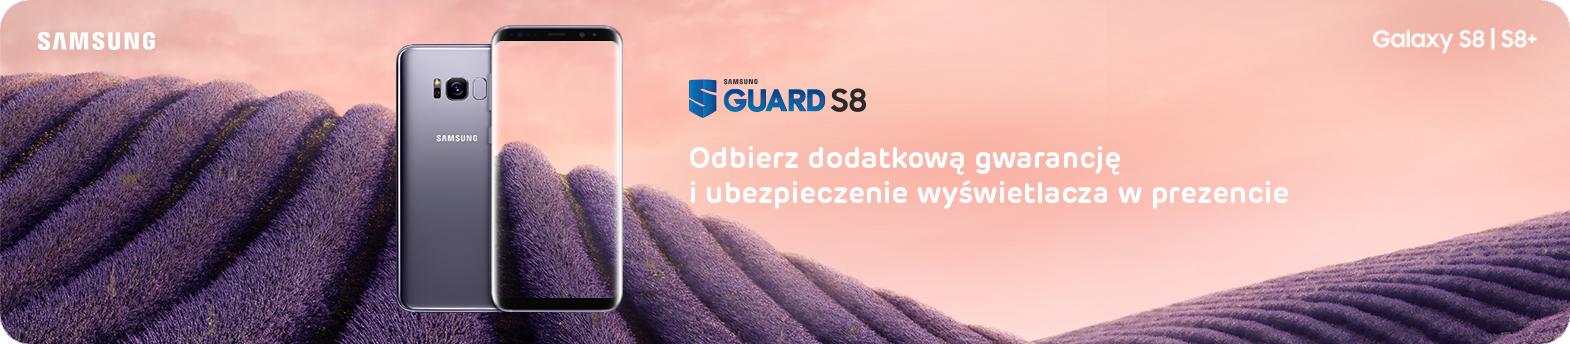 chroń swój Galaxy S8 | S8+